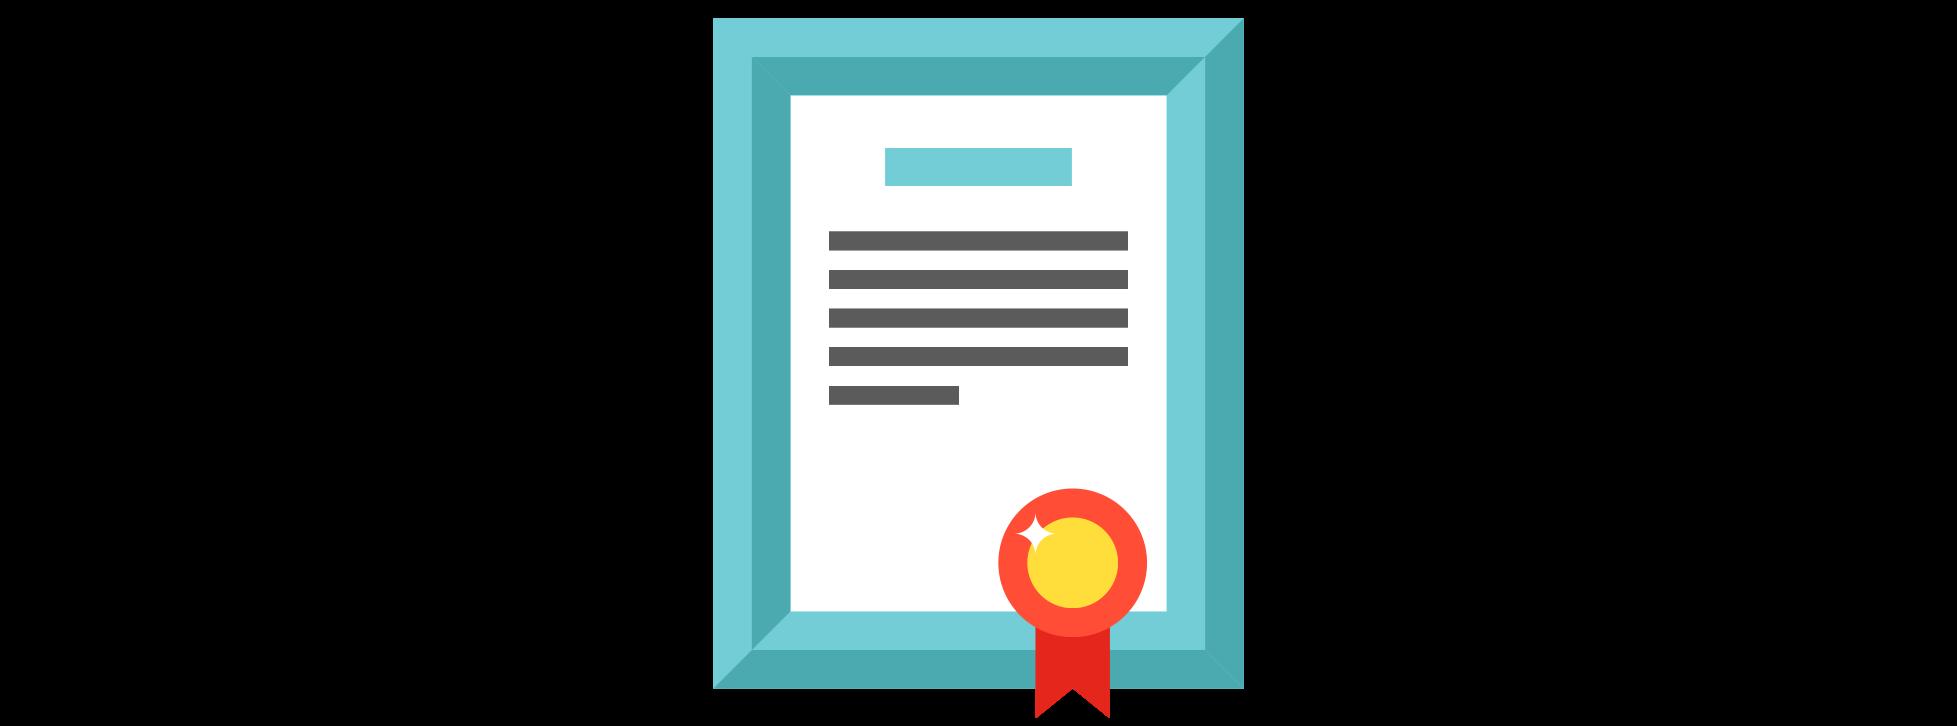 1502807170517305 certificate